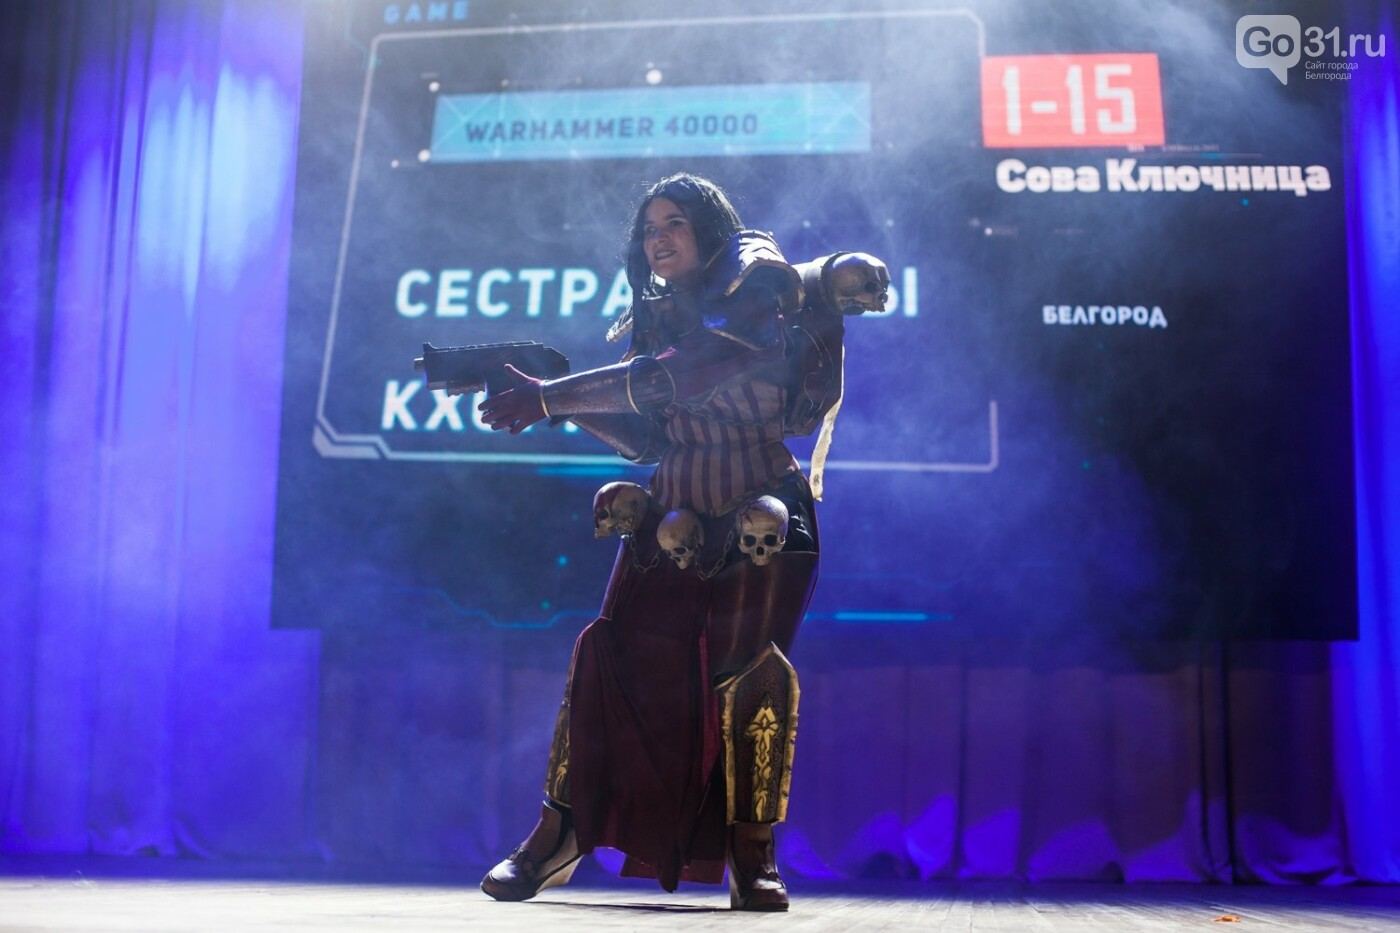 Аниме-фестиваль в Белгороде собрал российских косплейщиков, фото-11